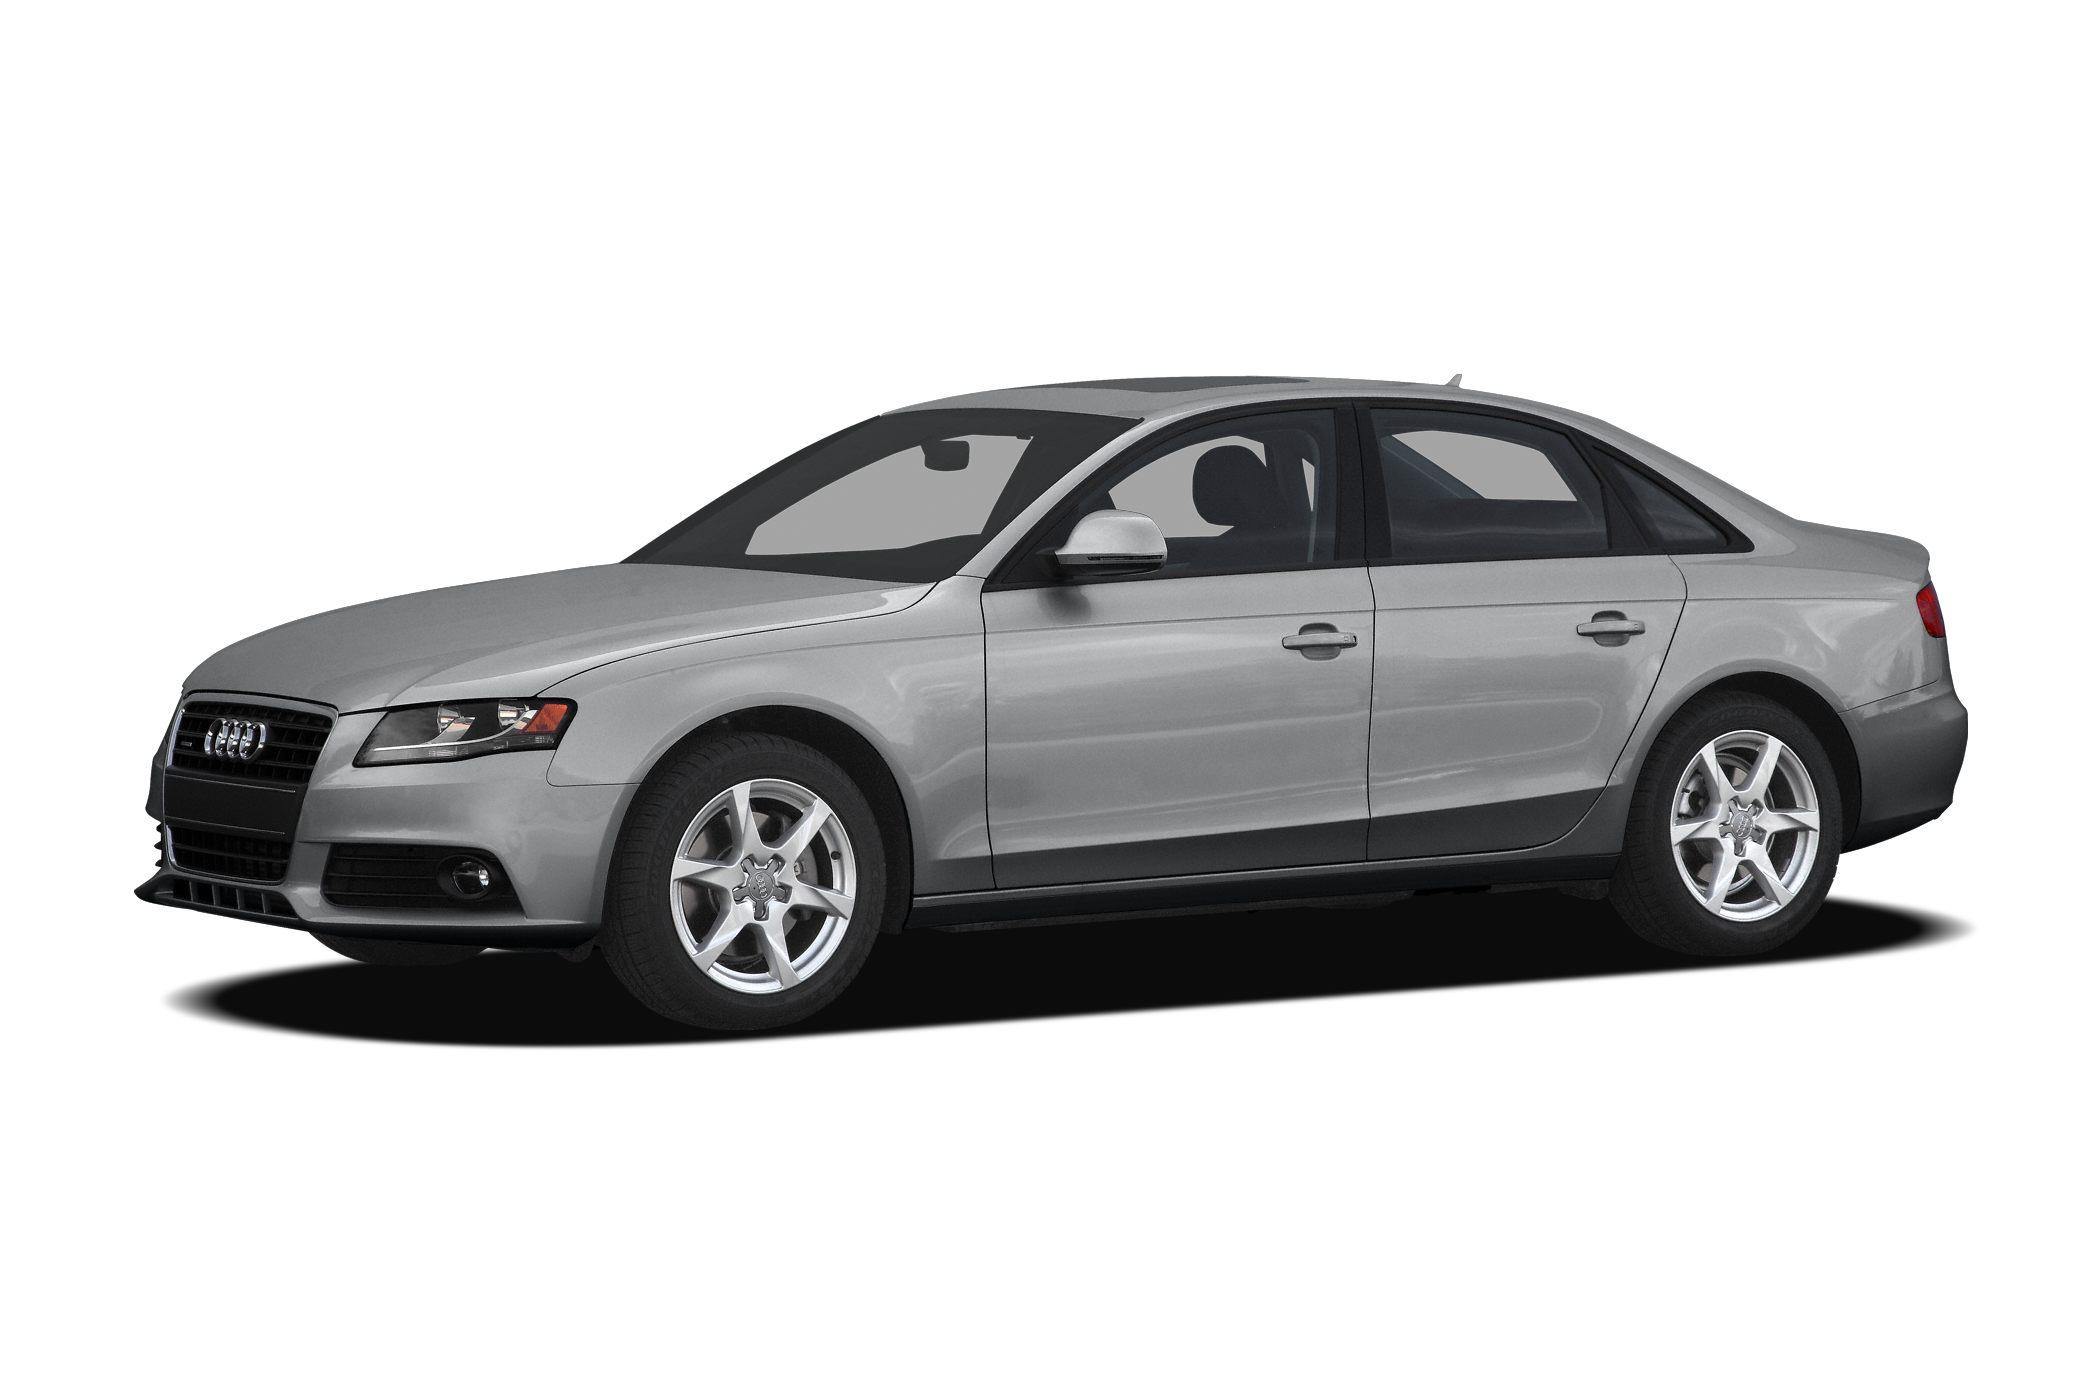 2010 Audi A4 20T quattro Premium CLEAN CARFAX REPORT  Less than 74k Miles All Wheel